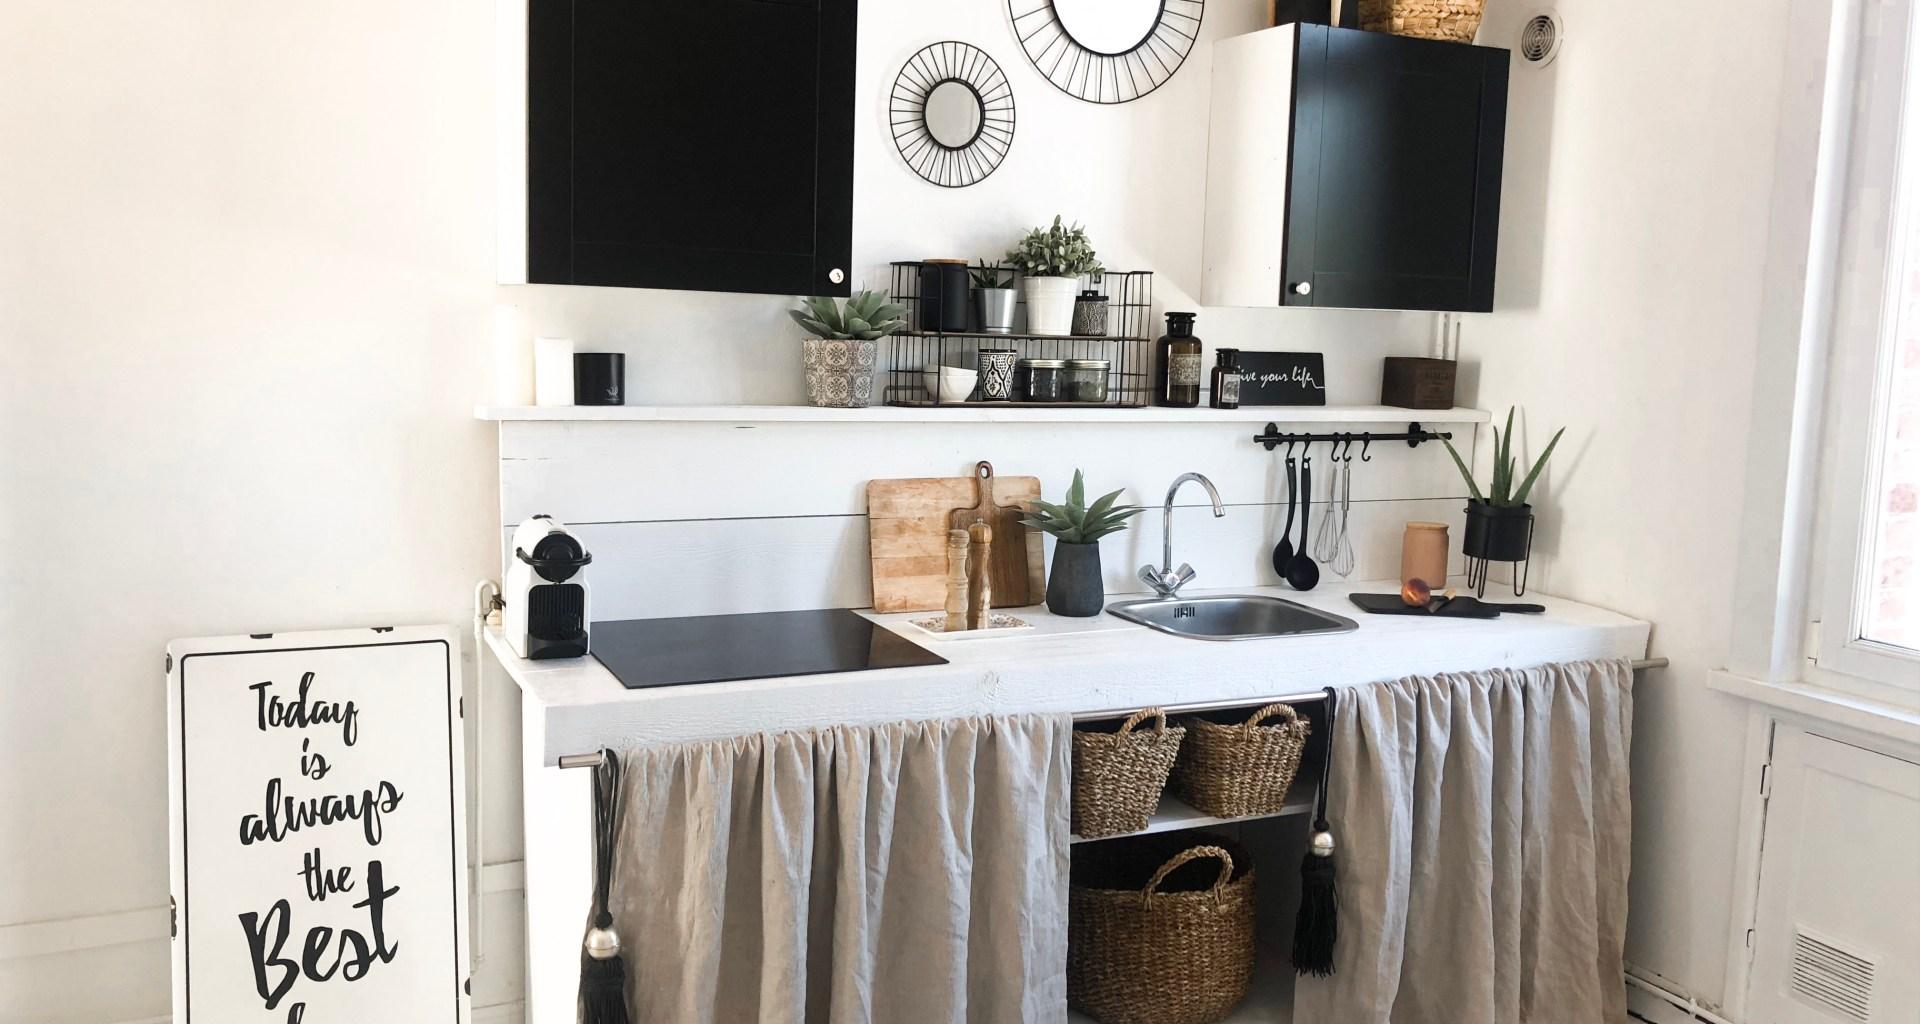 comment créer sois-même sa cuisine pas cher et en 48h : do it yourself